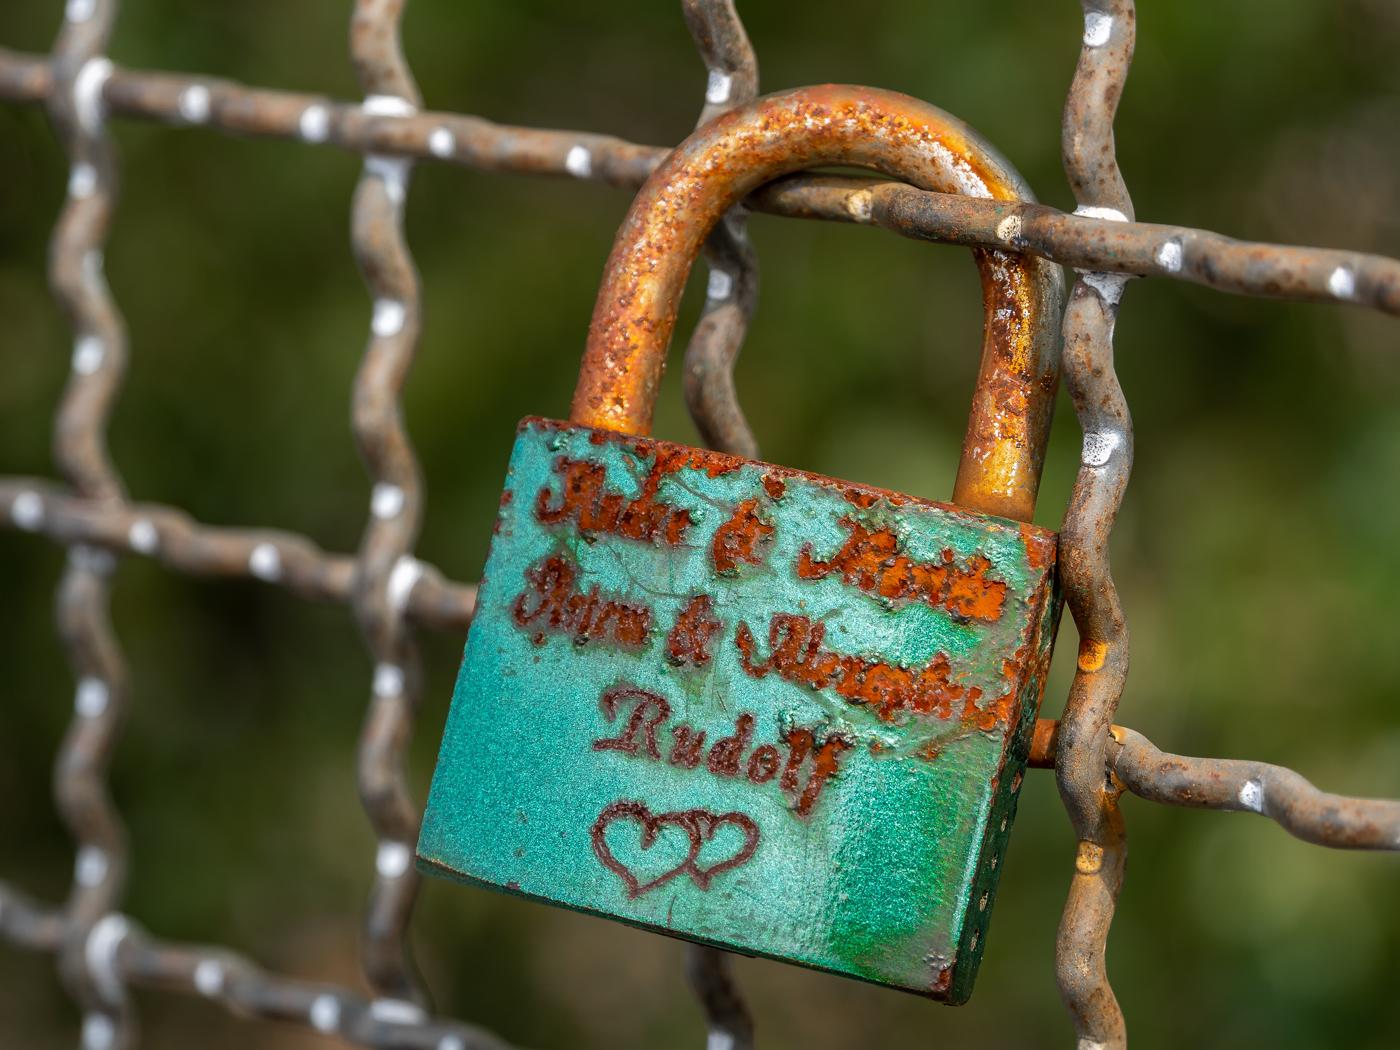 Echte Liebe rostet nicht | © Birgit Ziolkowski